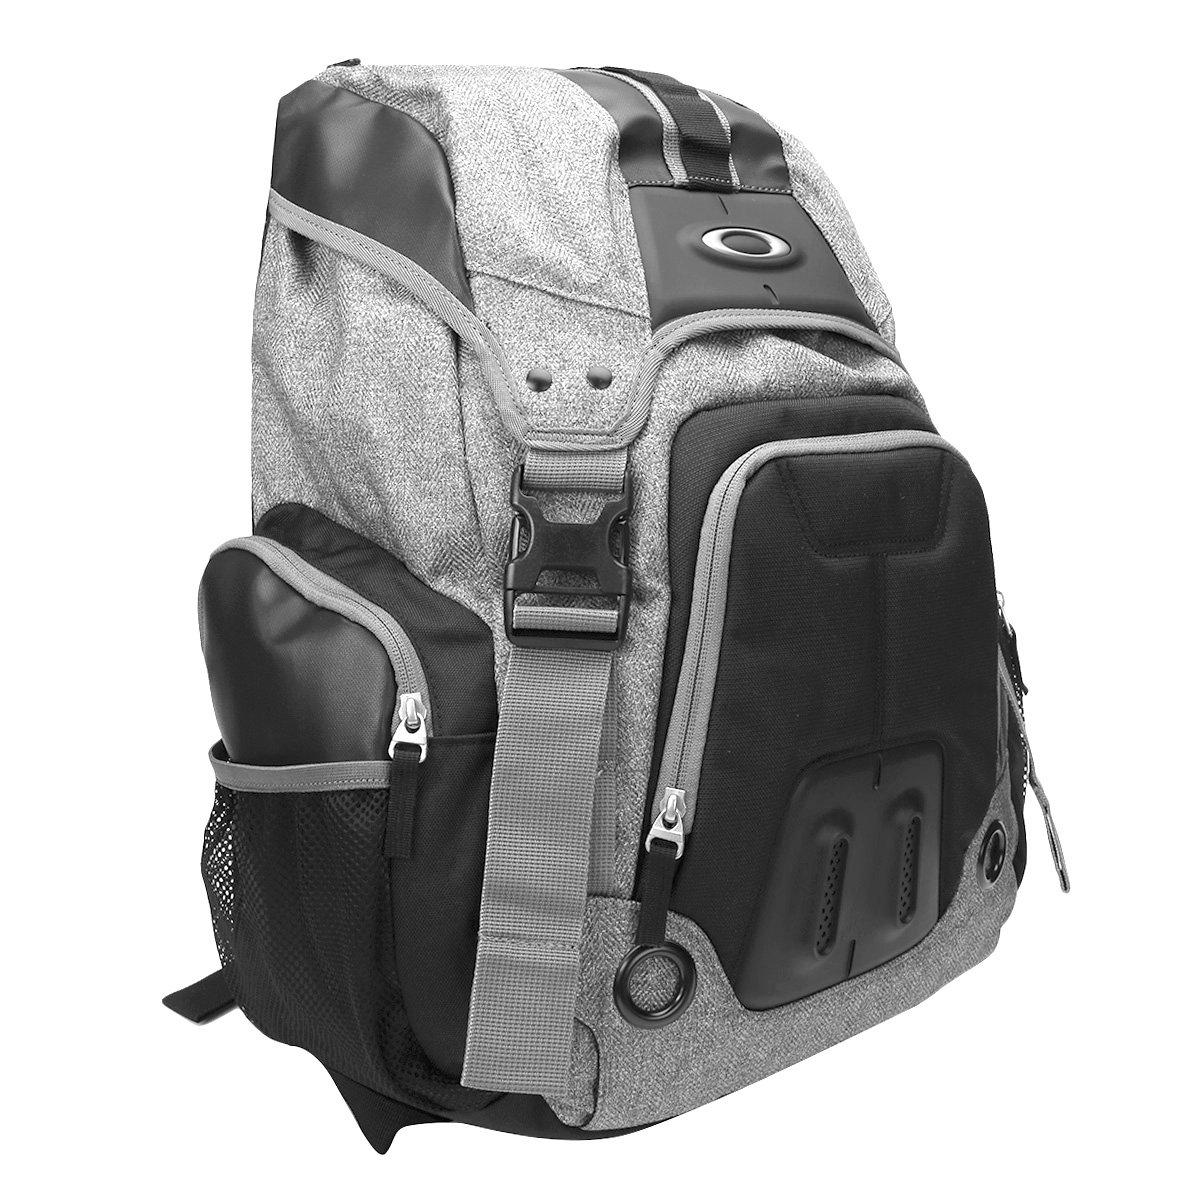 Mochila Oakley Mod Gearbox Lx Plus - Compre Agora  8fd50bc9f31